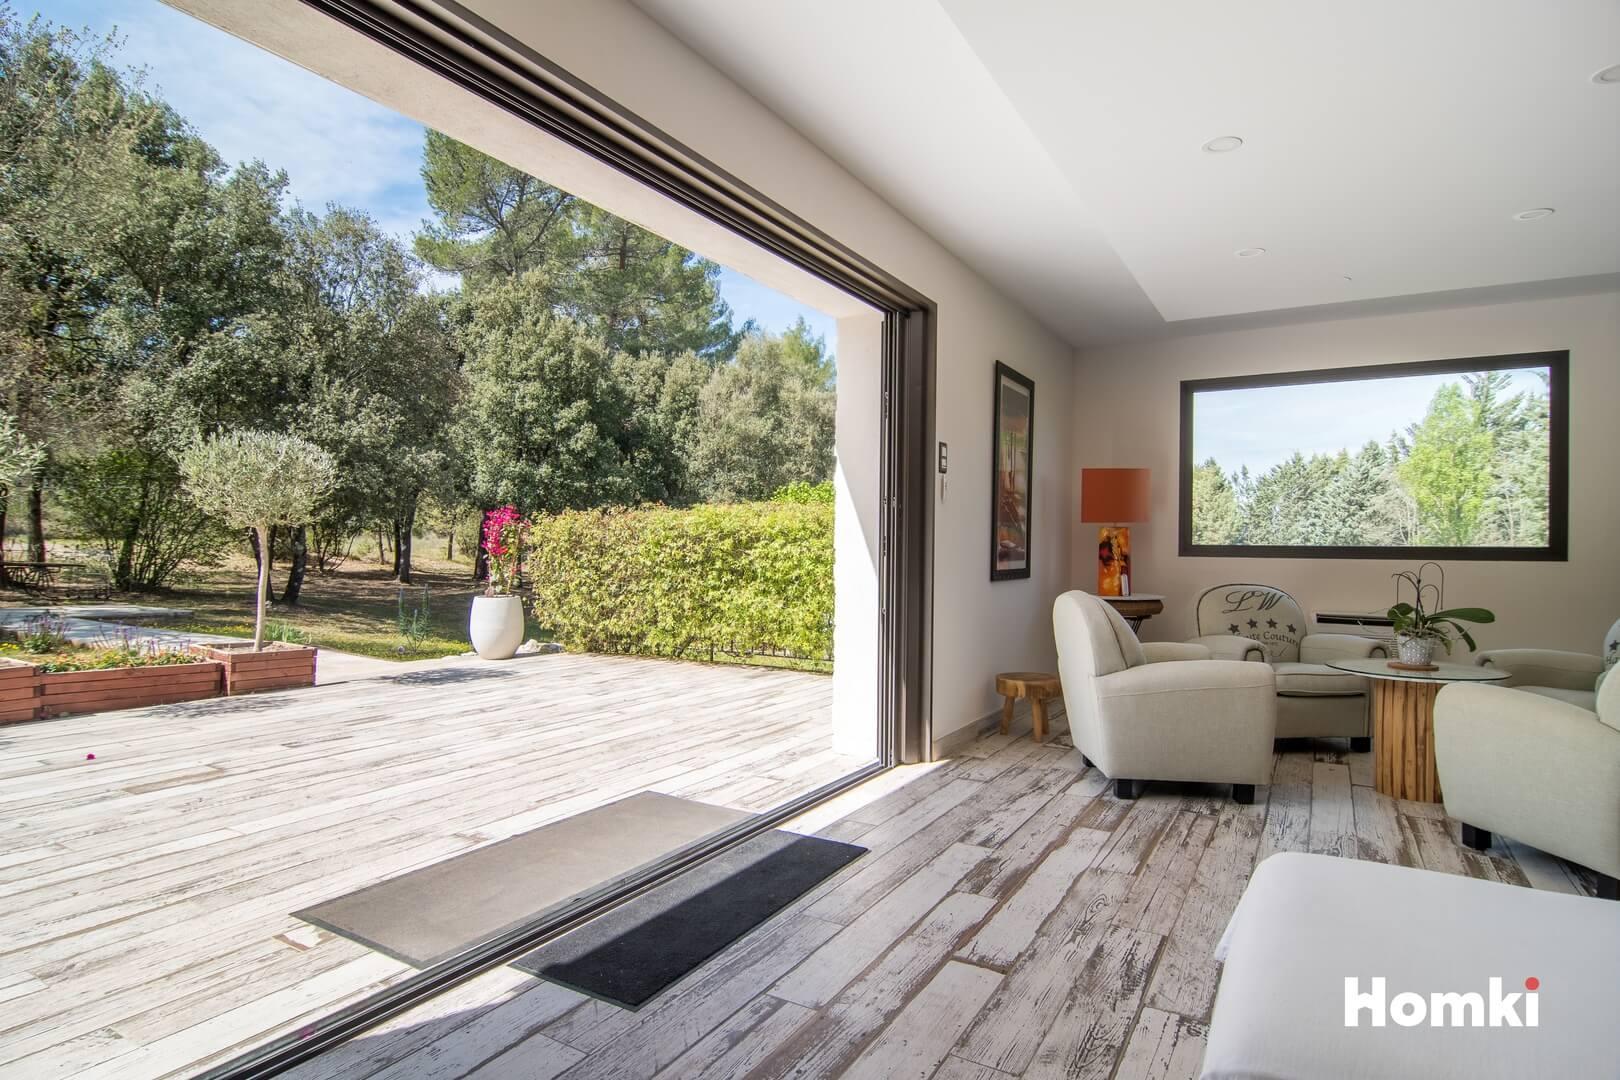 Homki - Vente Maison/villa  de 150.0 m² à Rians 83560